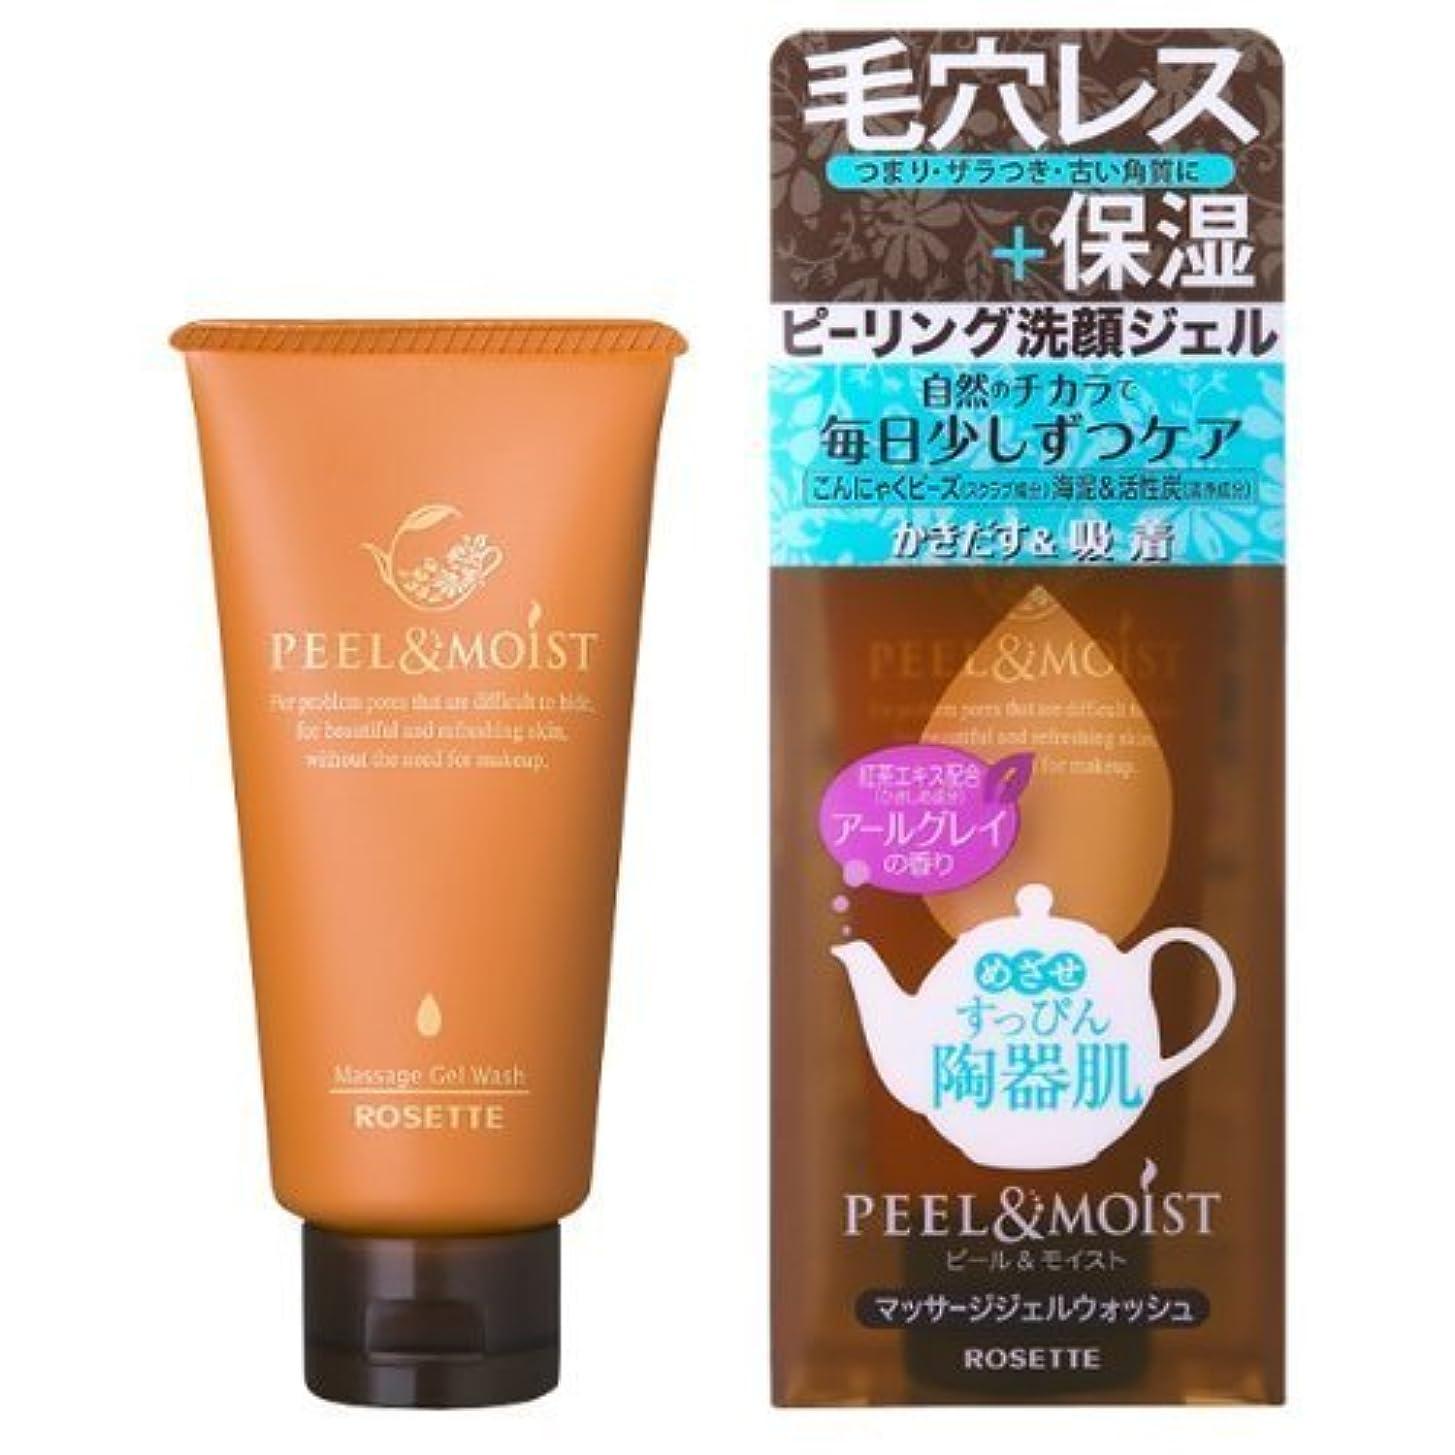 扇動する滴下歴史ロゼット R40% スーパーうるおいリフトアップ洗顔フォーム 168g もっちりタイプの植物性洗顔フォーム スズランのやさしい香り×48点セット (4901696532591)